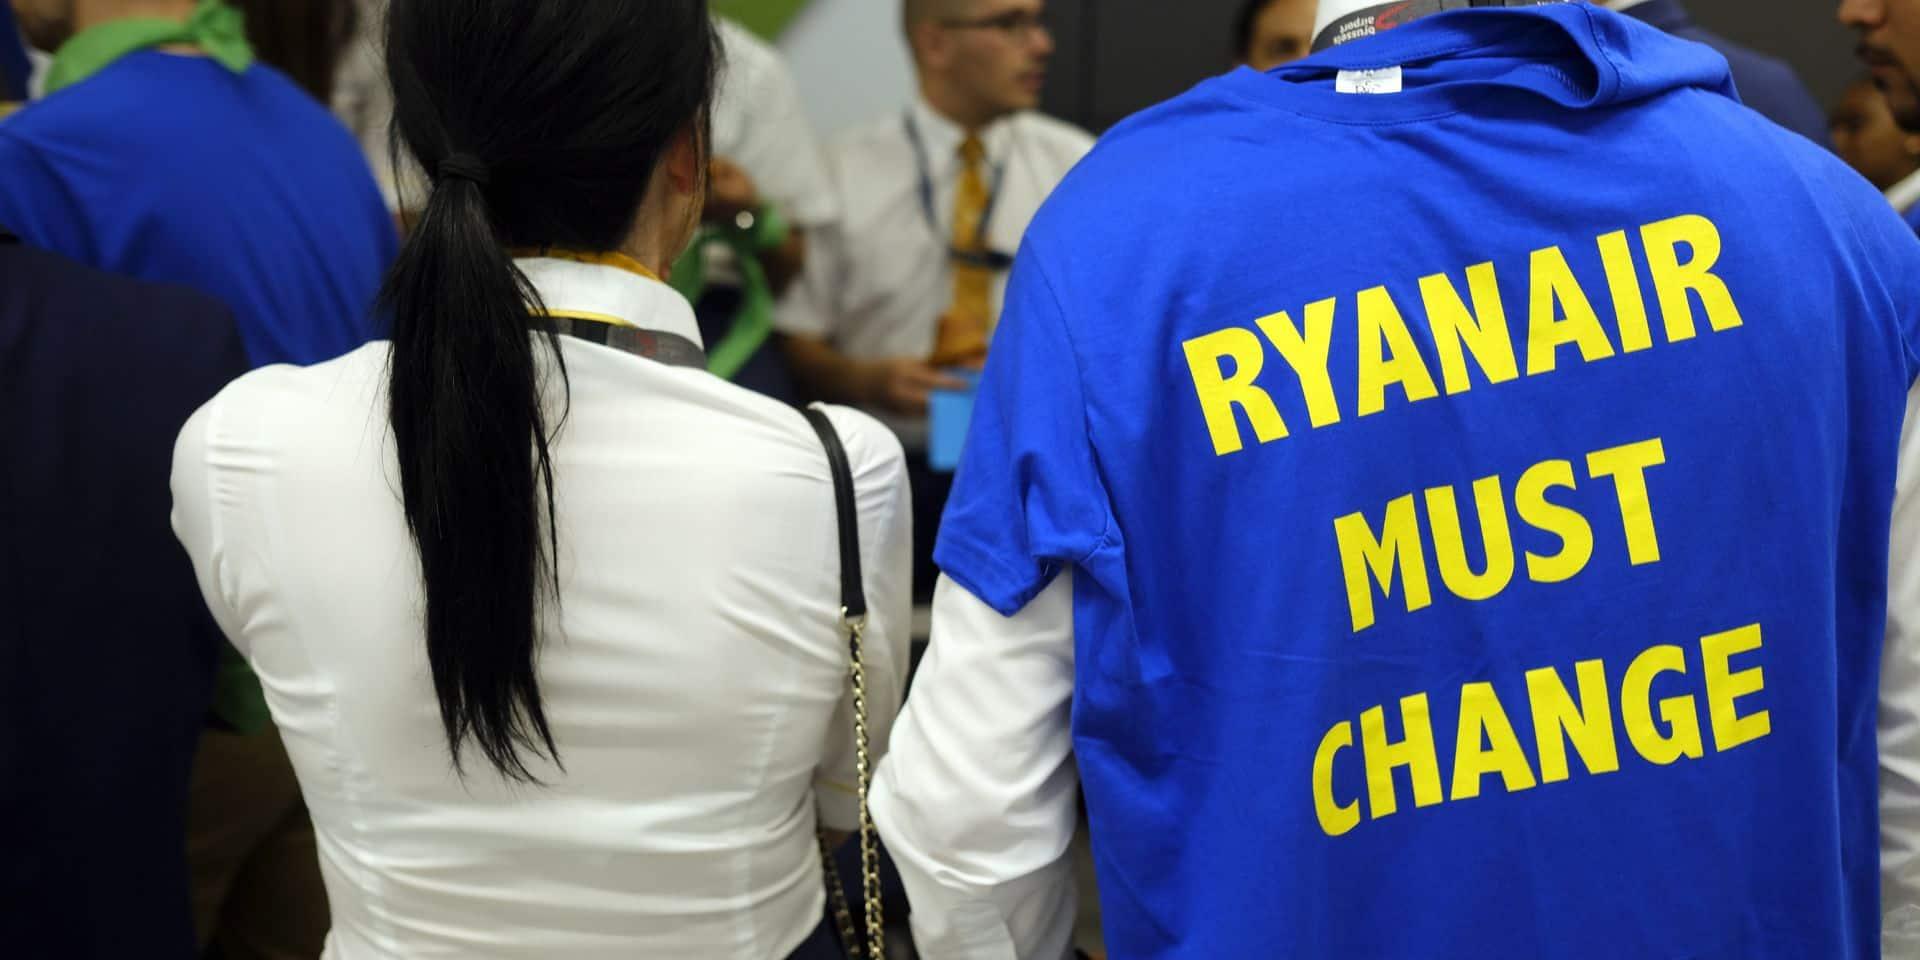 Grèves Ryanair: les pilotes belges demandent au pouvoir politique de mettre davantage la pression